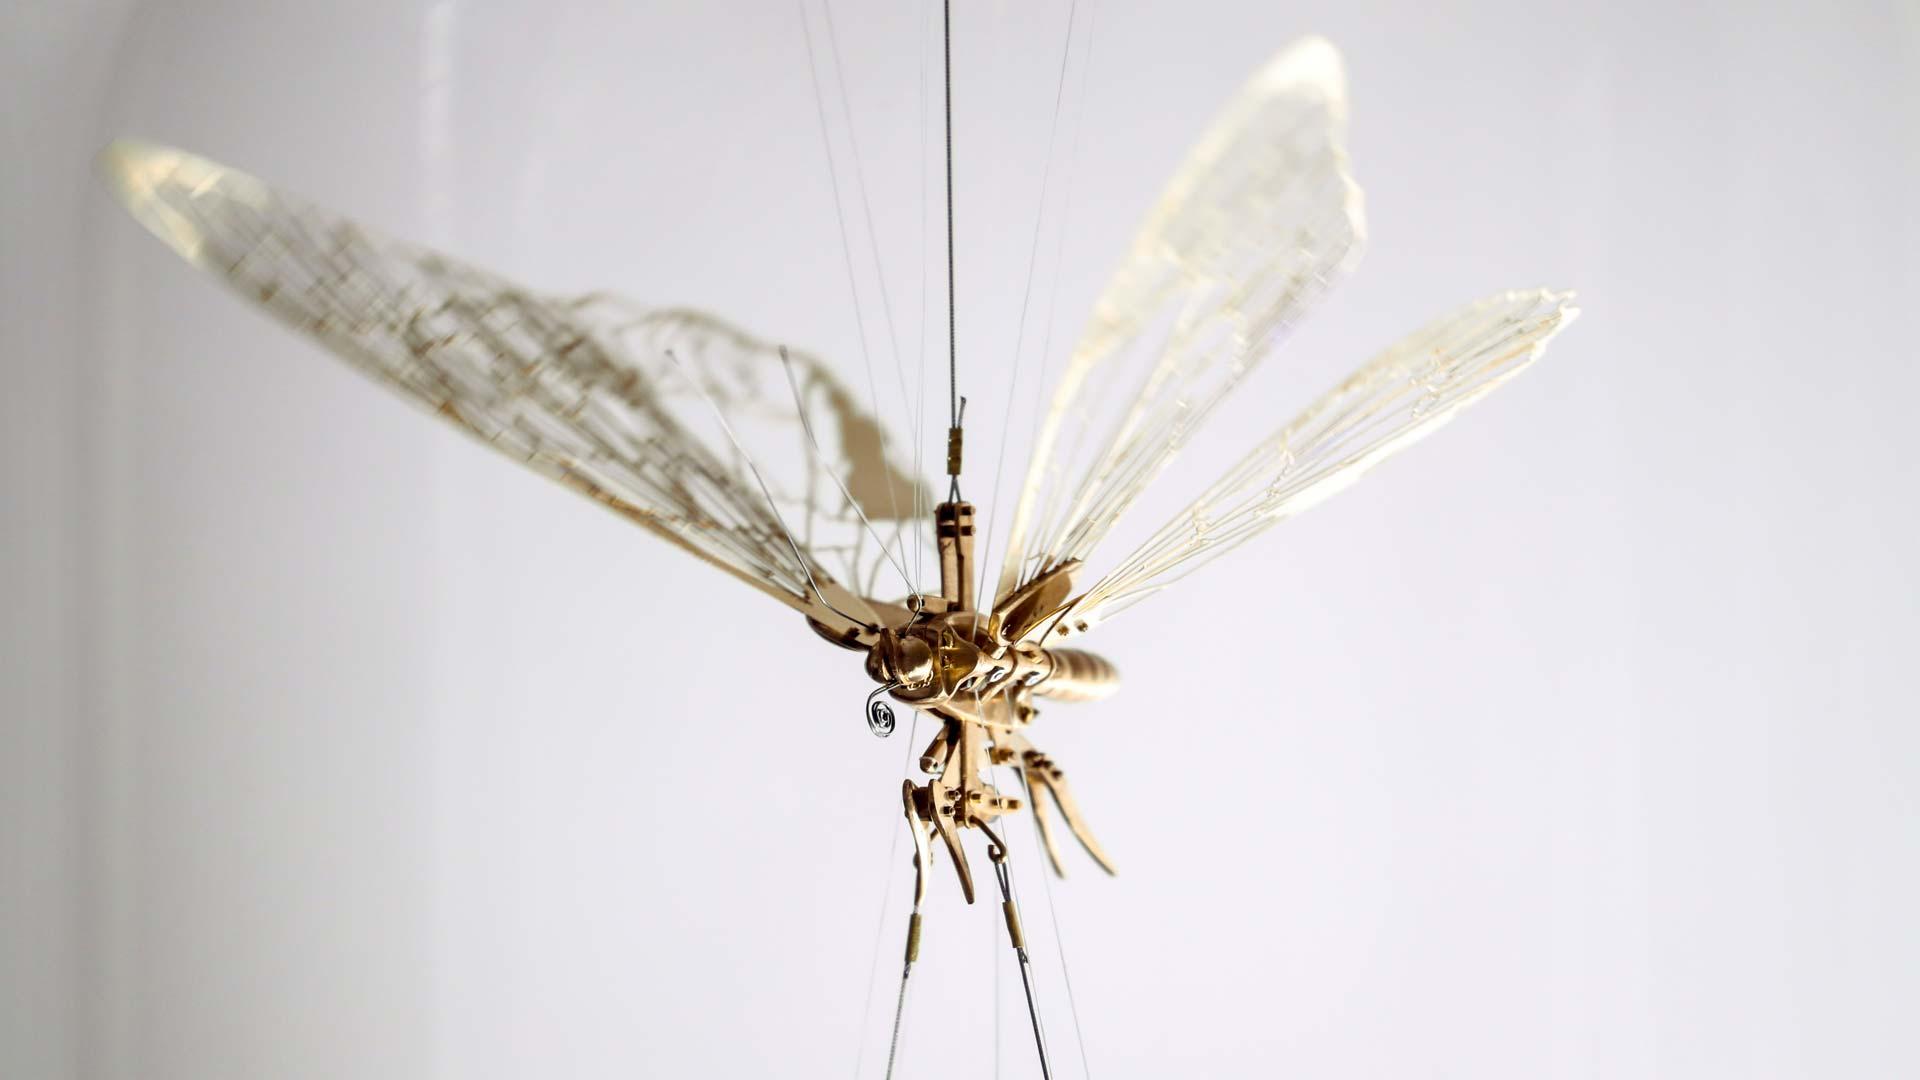 Flight is a Waltz: Puppet Flutter